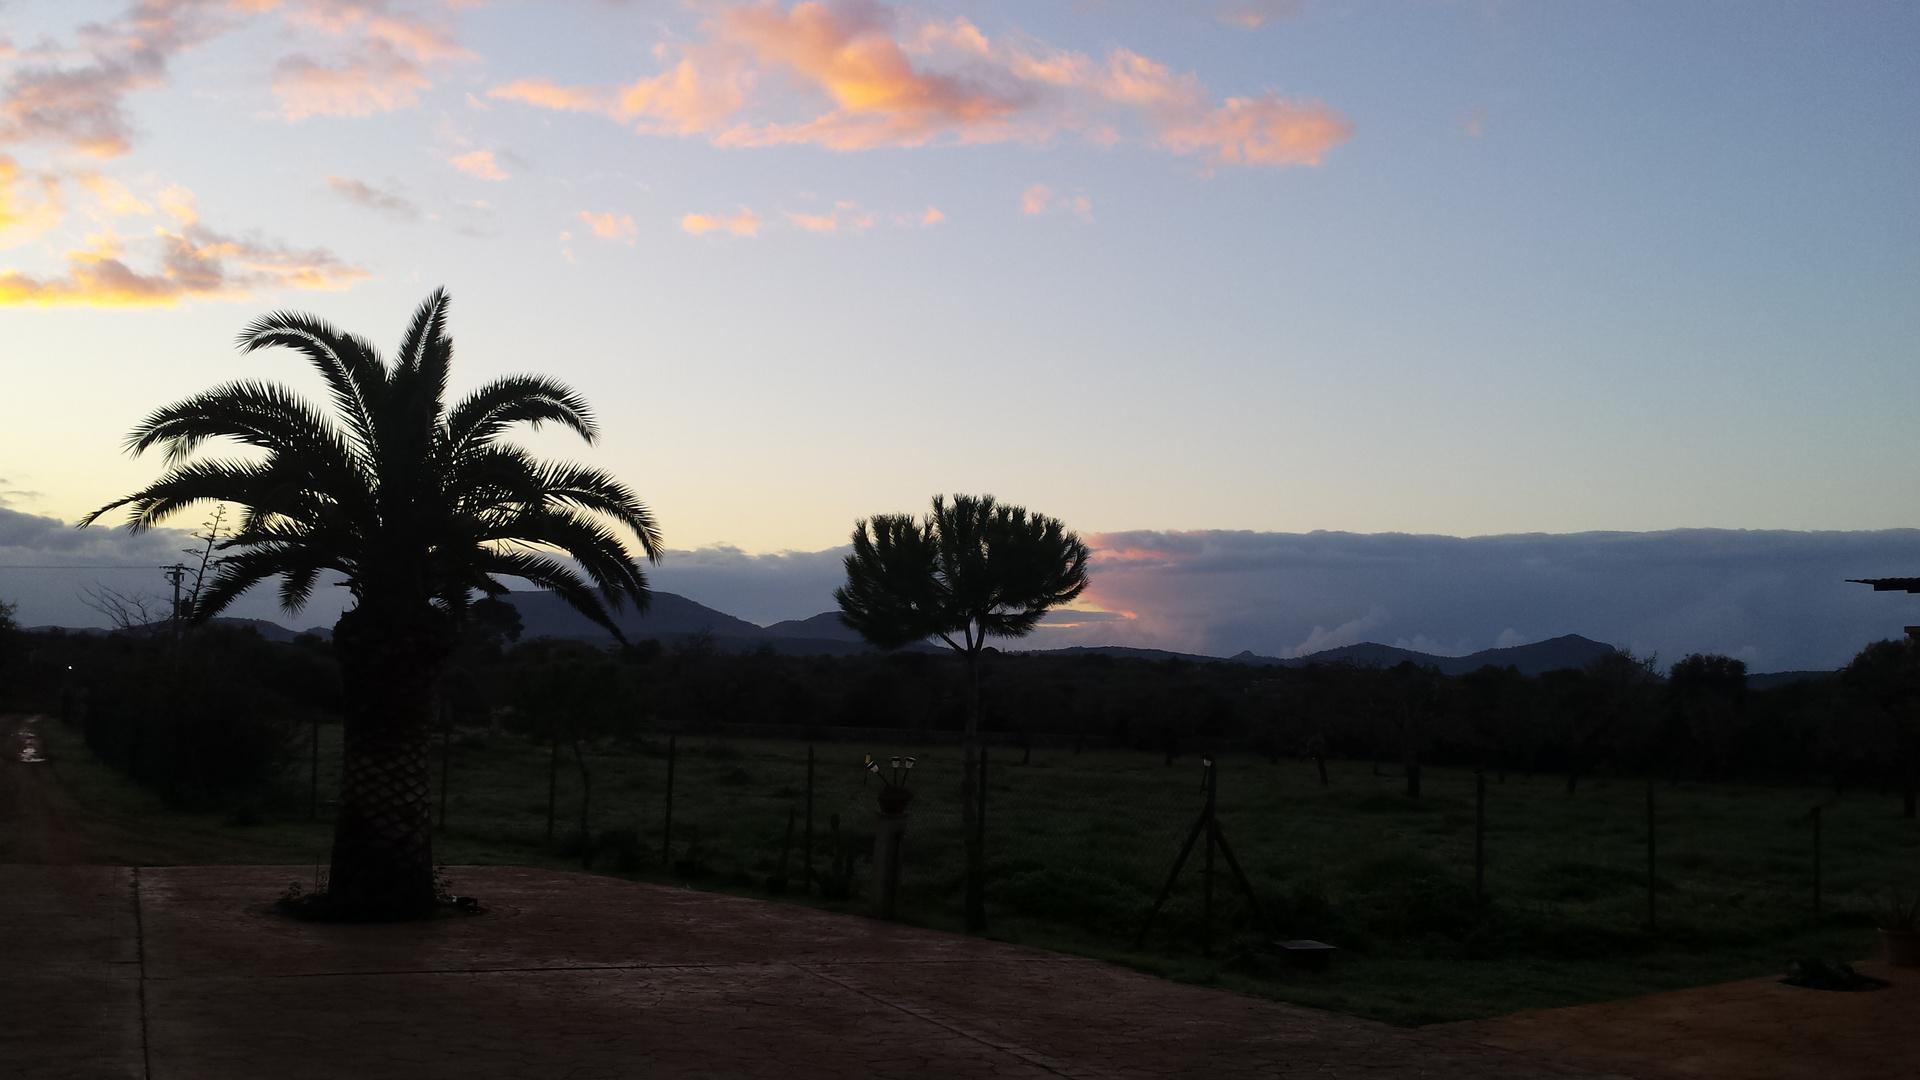 Sonnenuntergang mit Palmen Sicht.